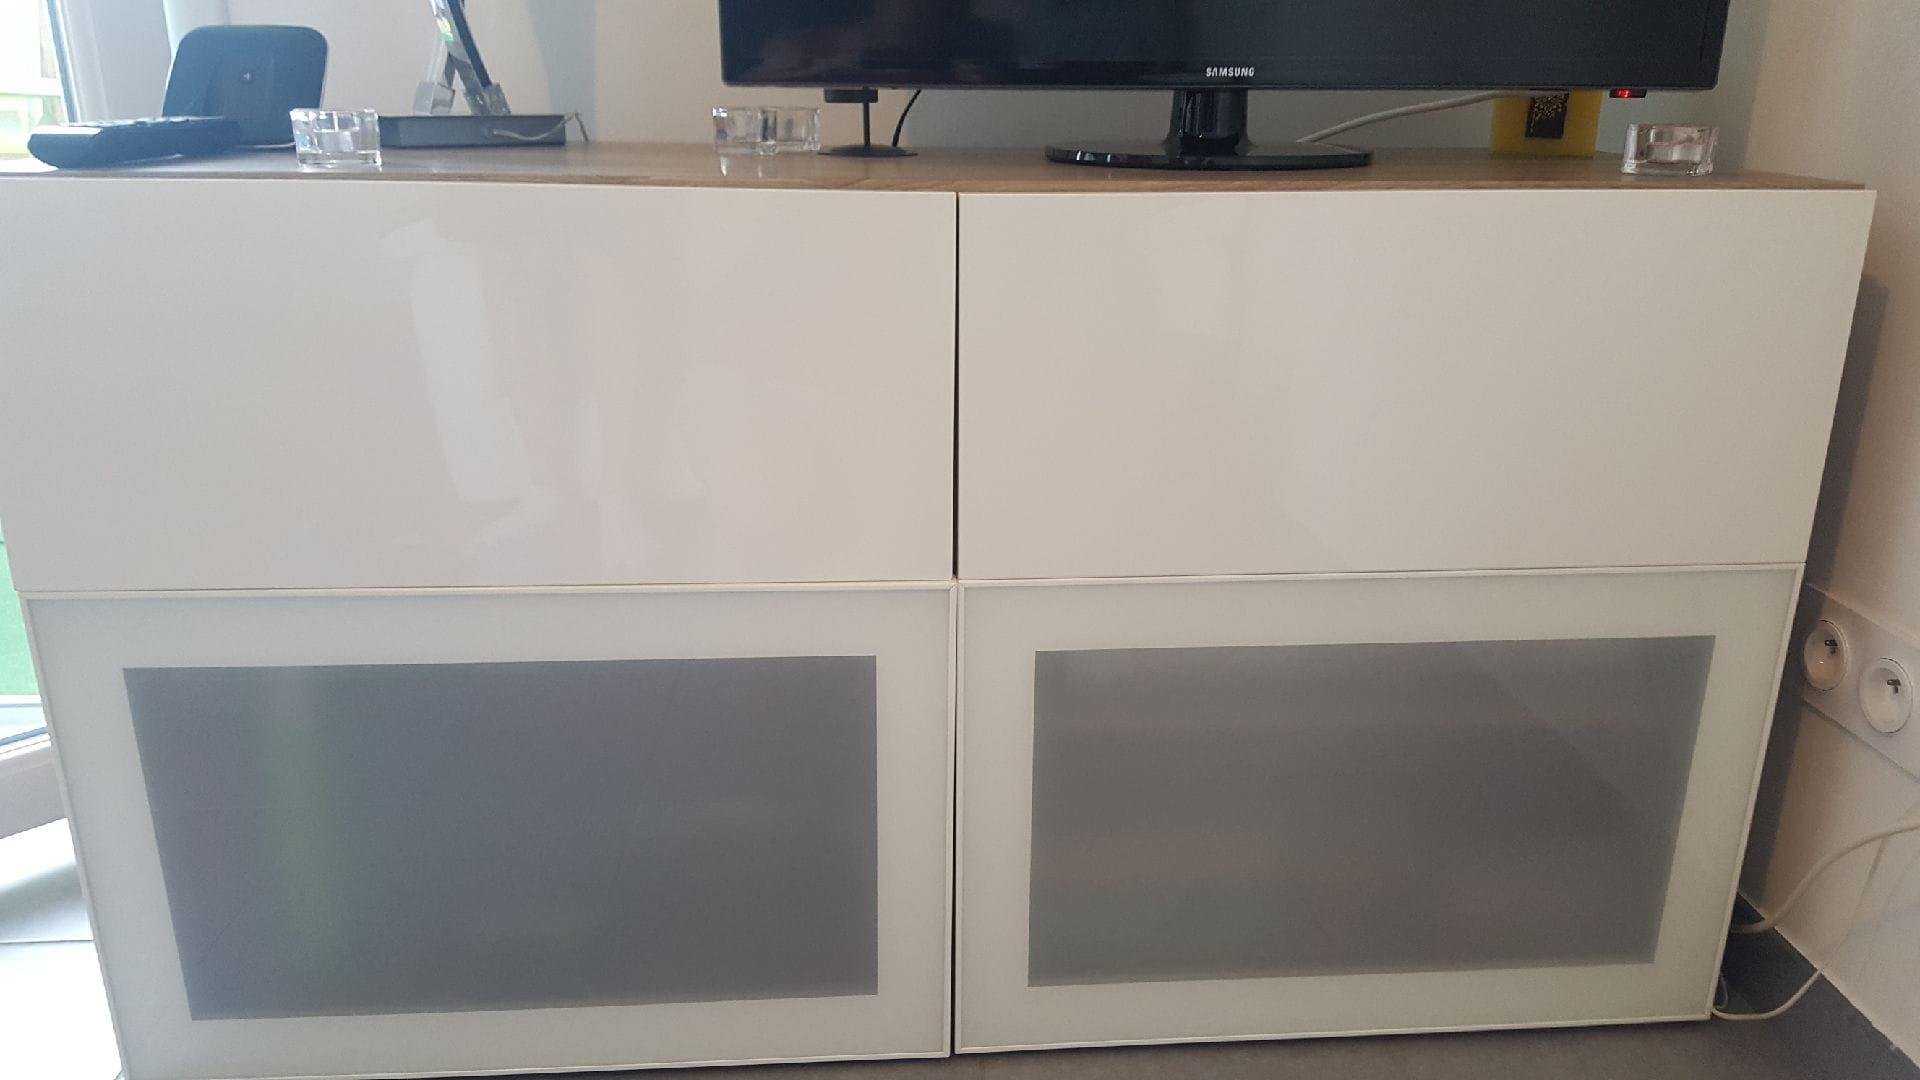 Meuble Tv Colonne Ikea pb portes et tiroirs non alignés ikea - linternaute